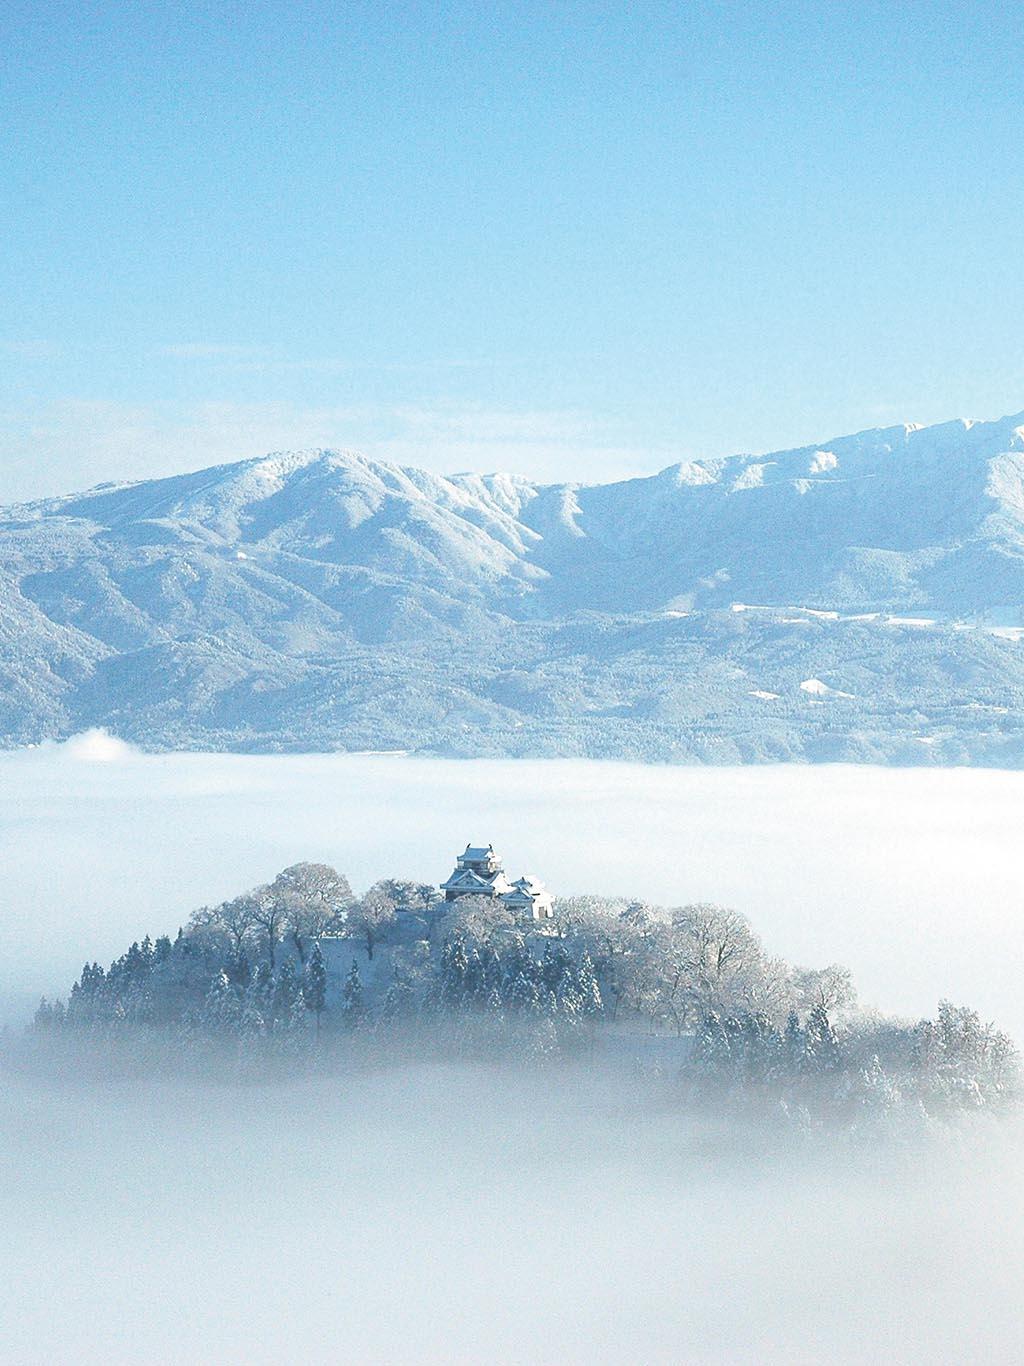 盆地を埋め尽くす雲海に天空の城が浮かび上がる(福井県 越前大野城)【雲海ドライブ&スポット Spot 53】